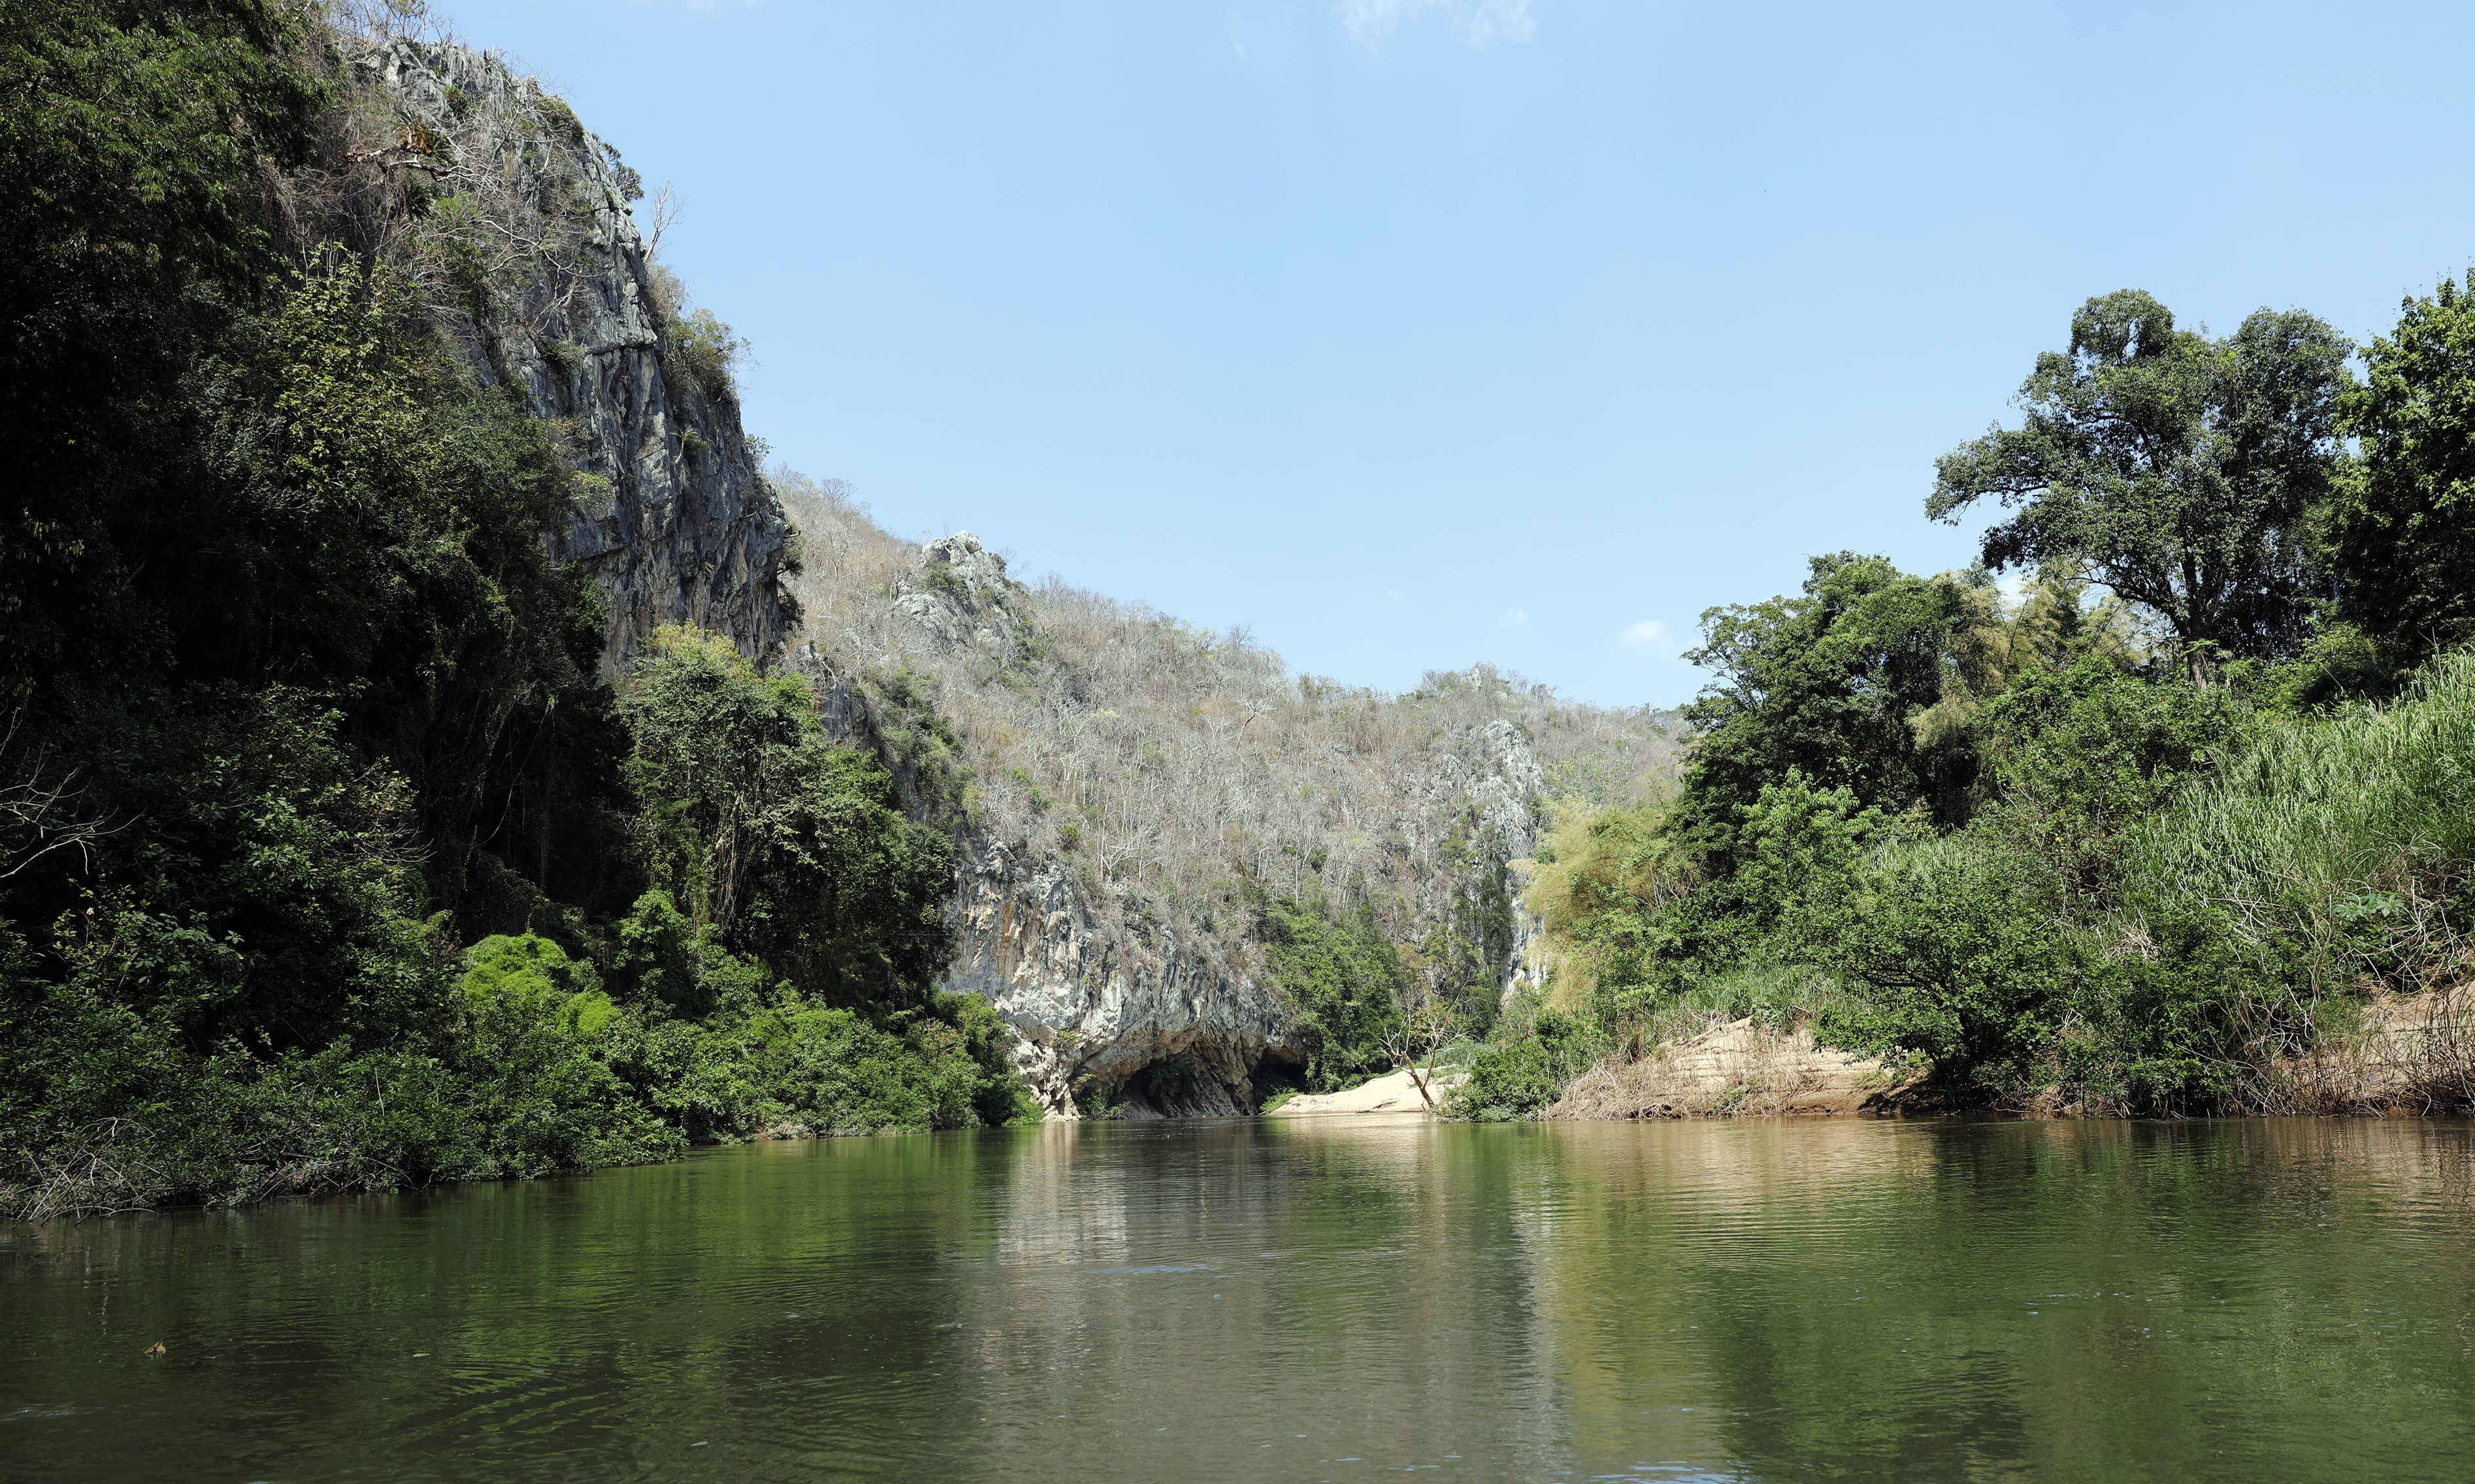 Pasak River and main climbing wall